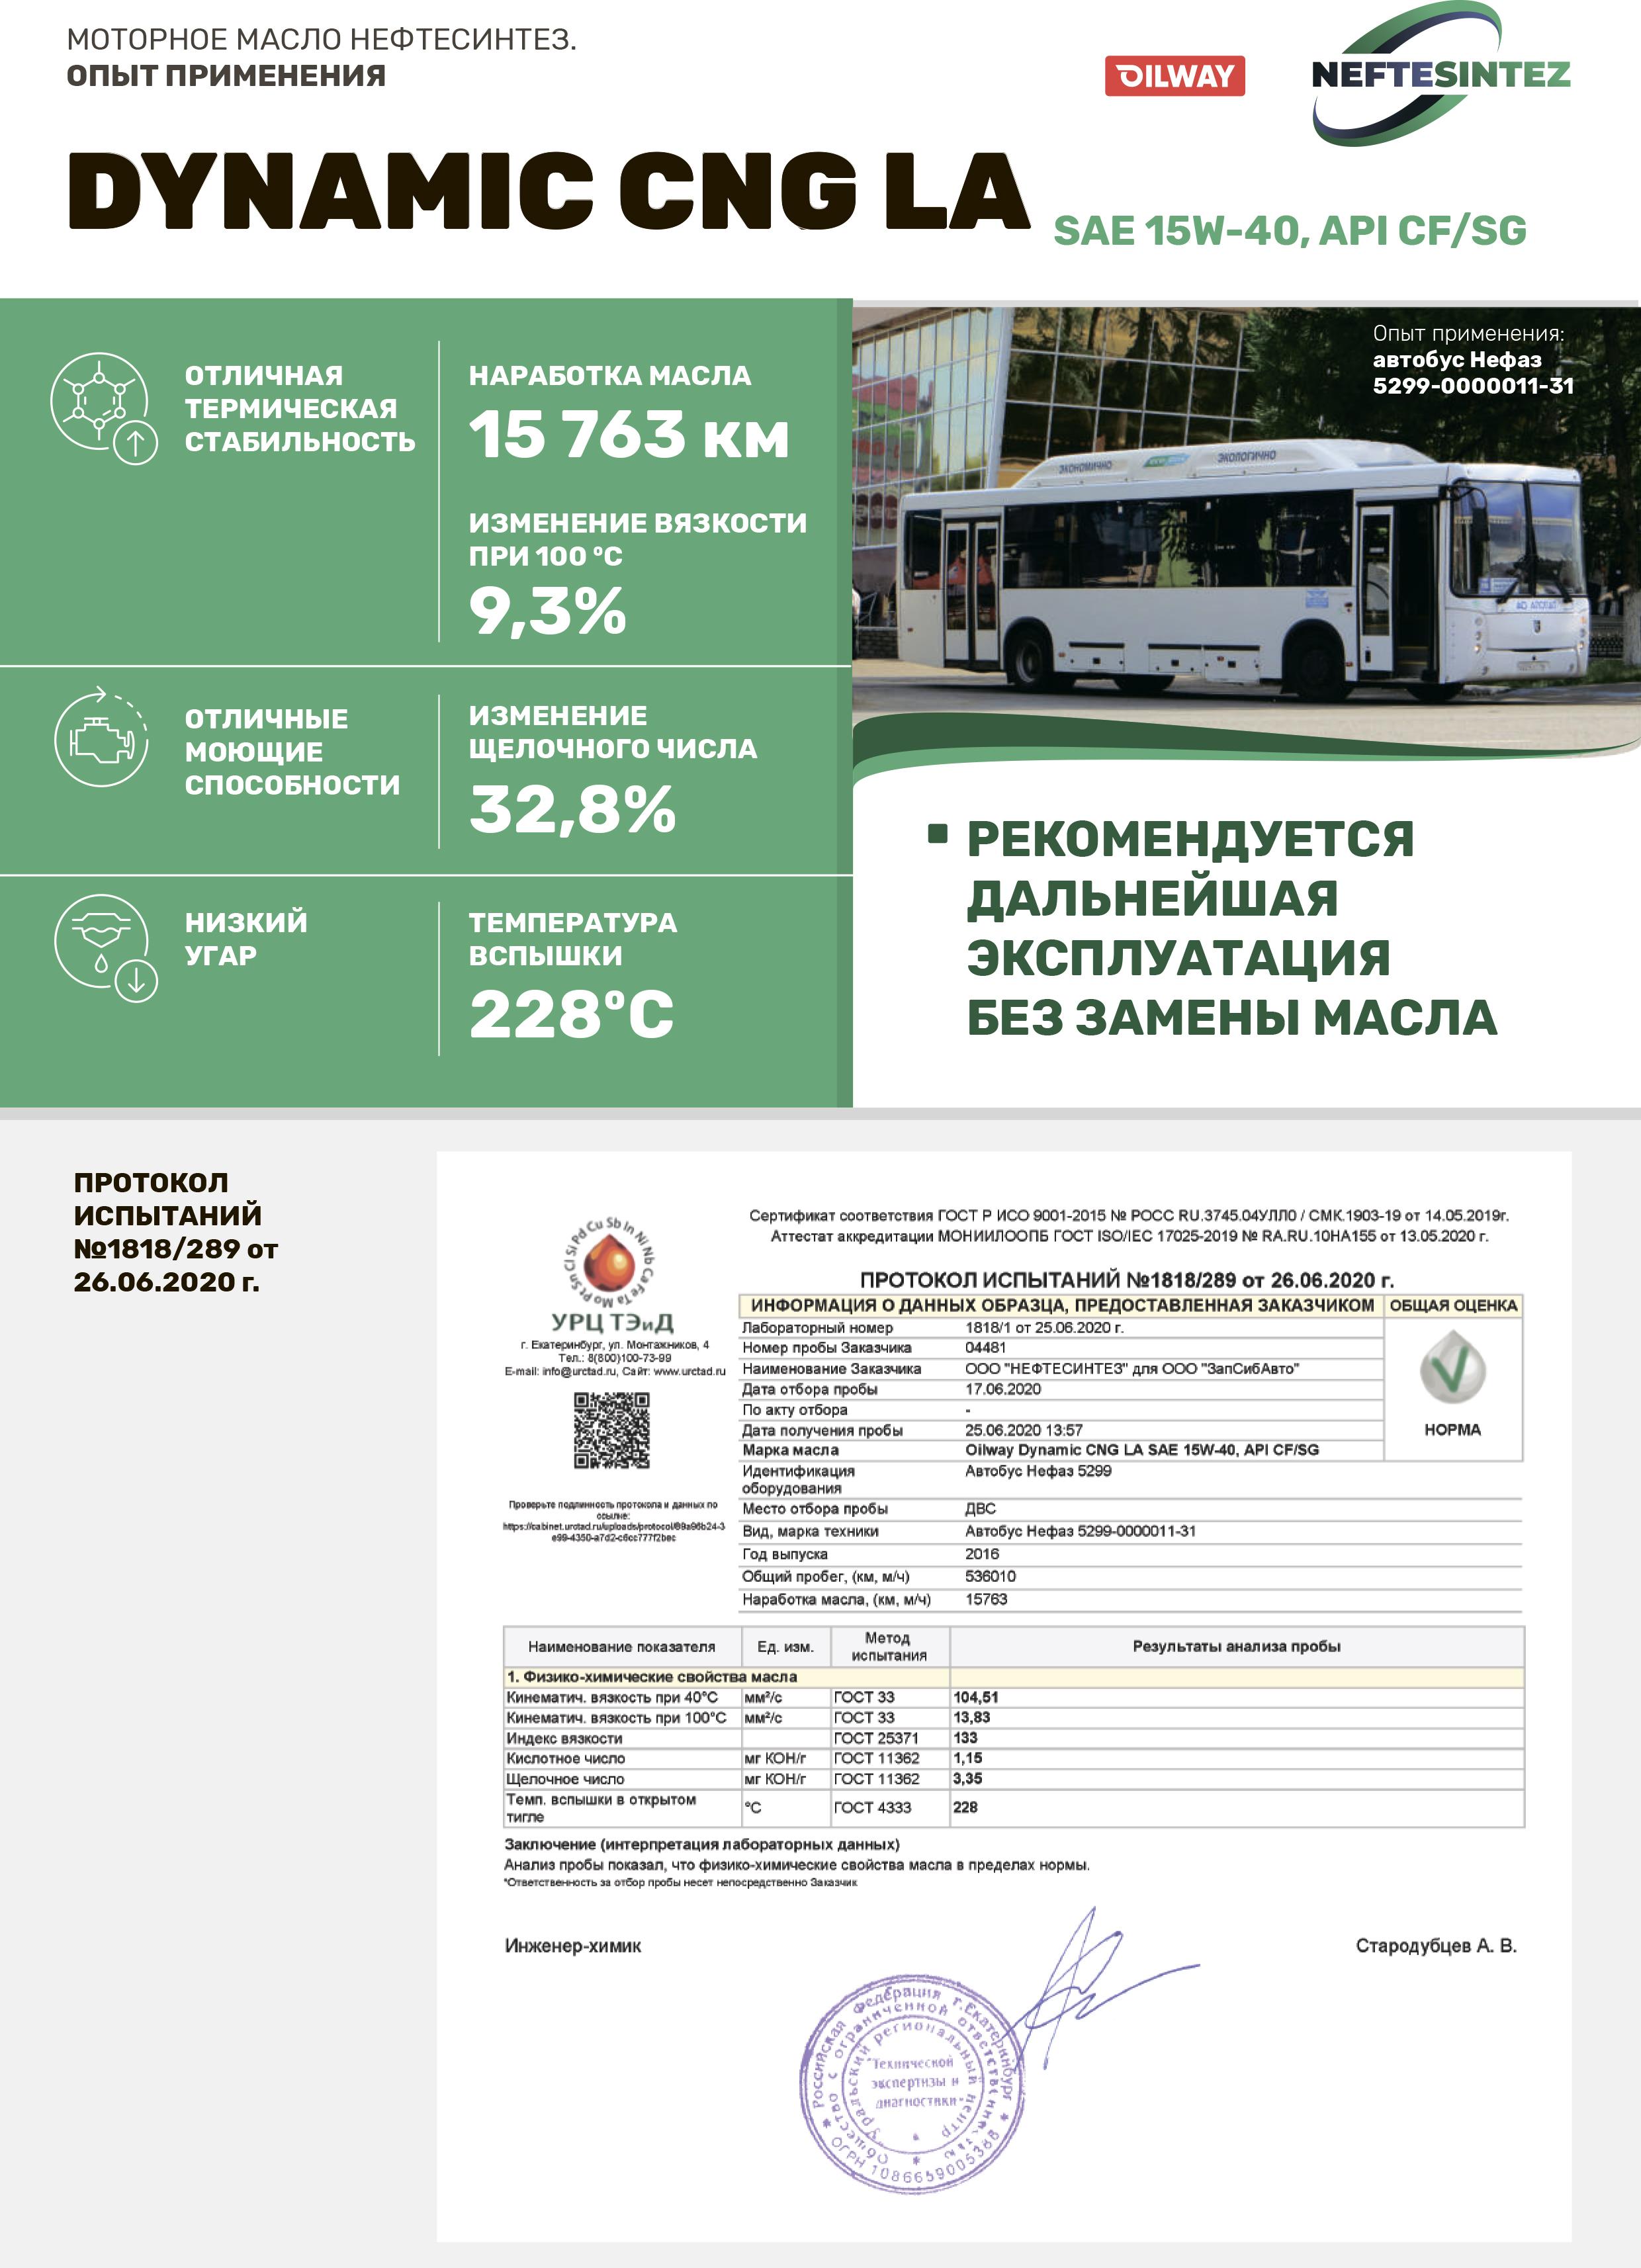 Dynamic CNG LA 15W-40 (автобус Нефаз 529